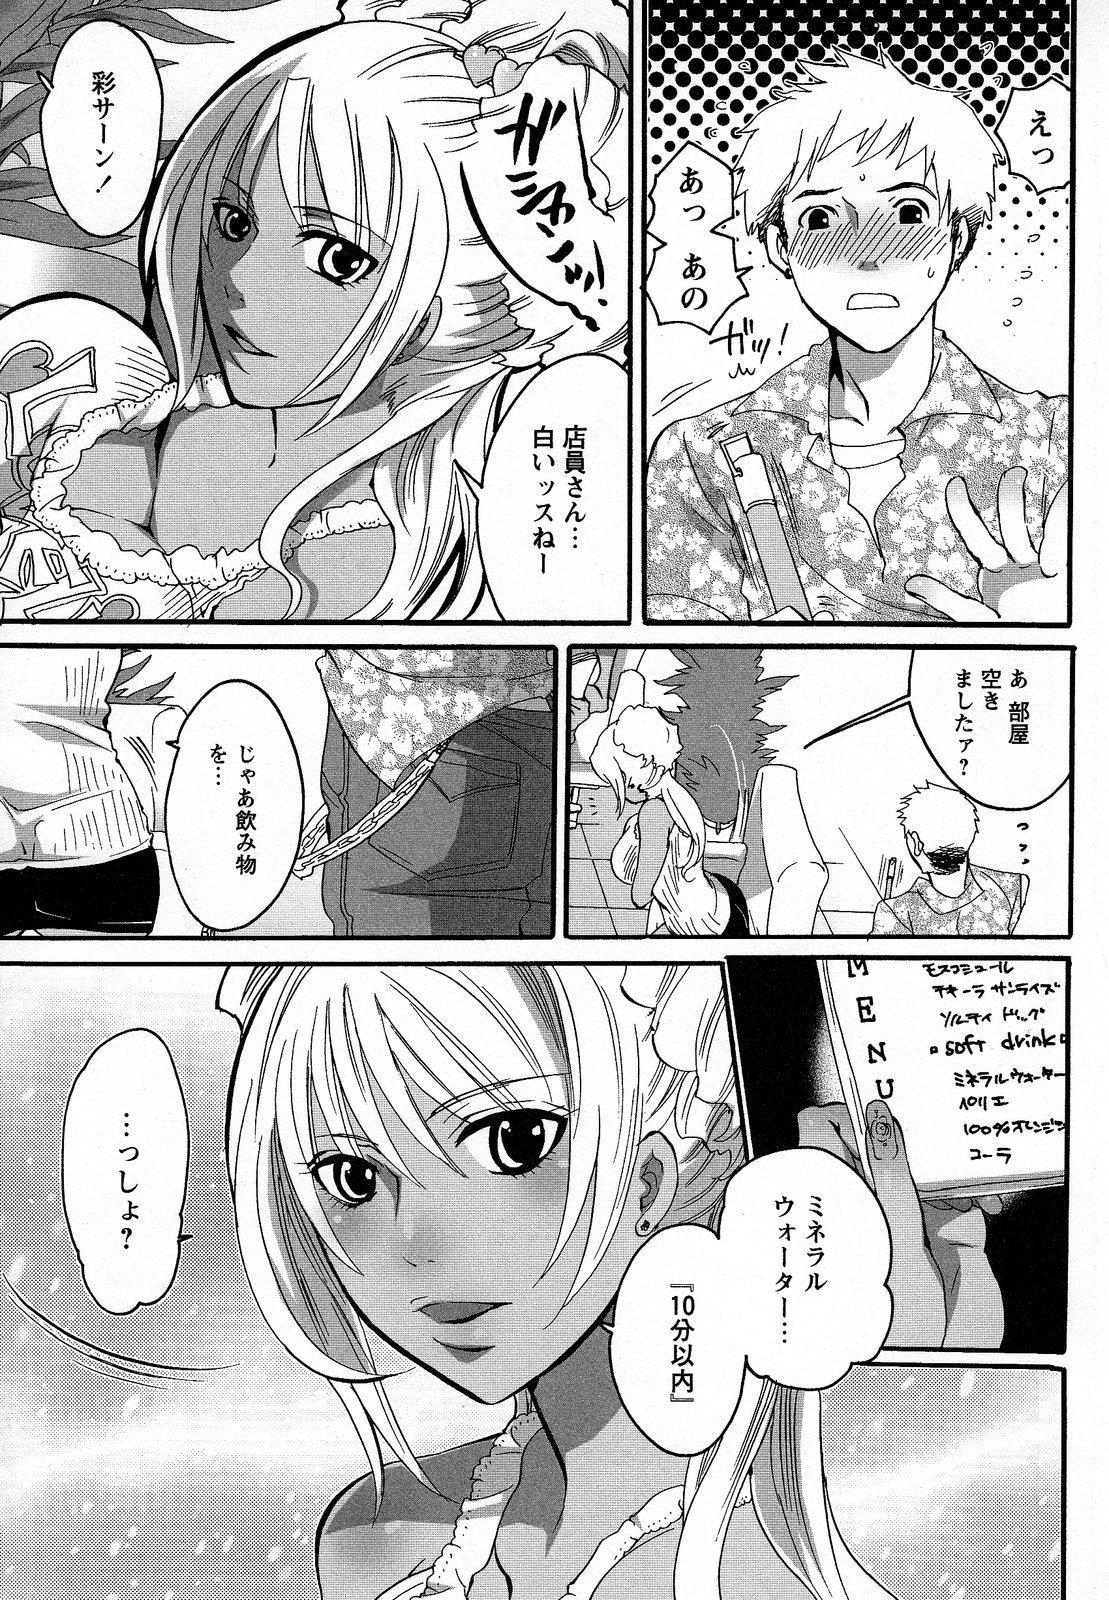 Boku ga Onee-sama no Mesu Dorei ni Narutoki 114